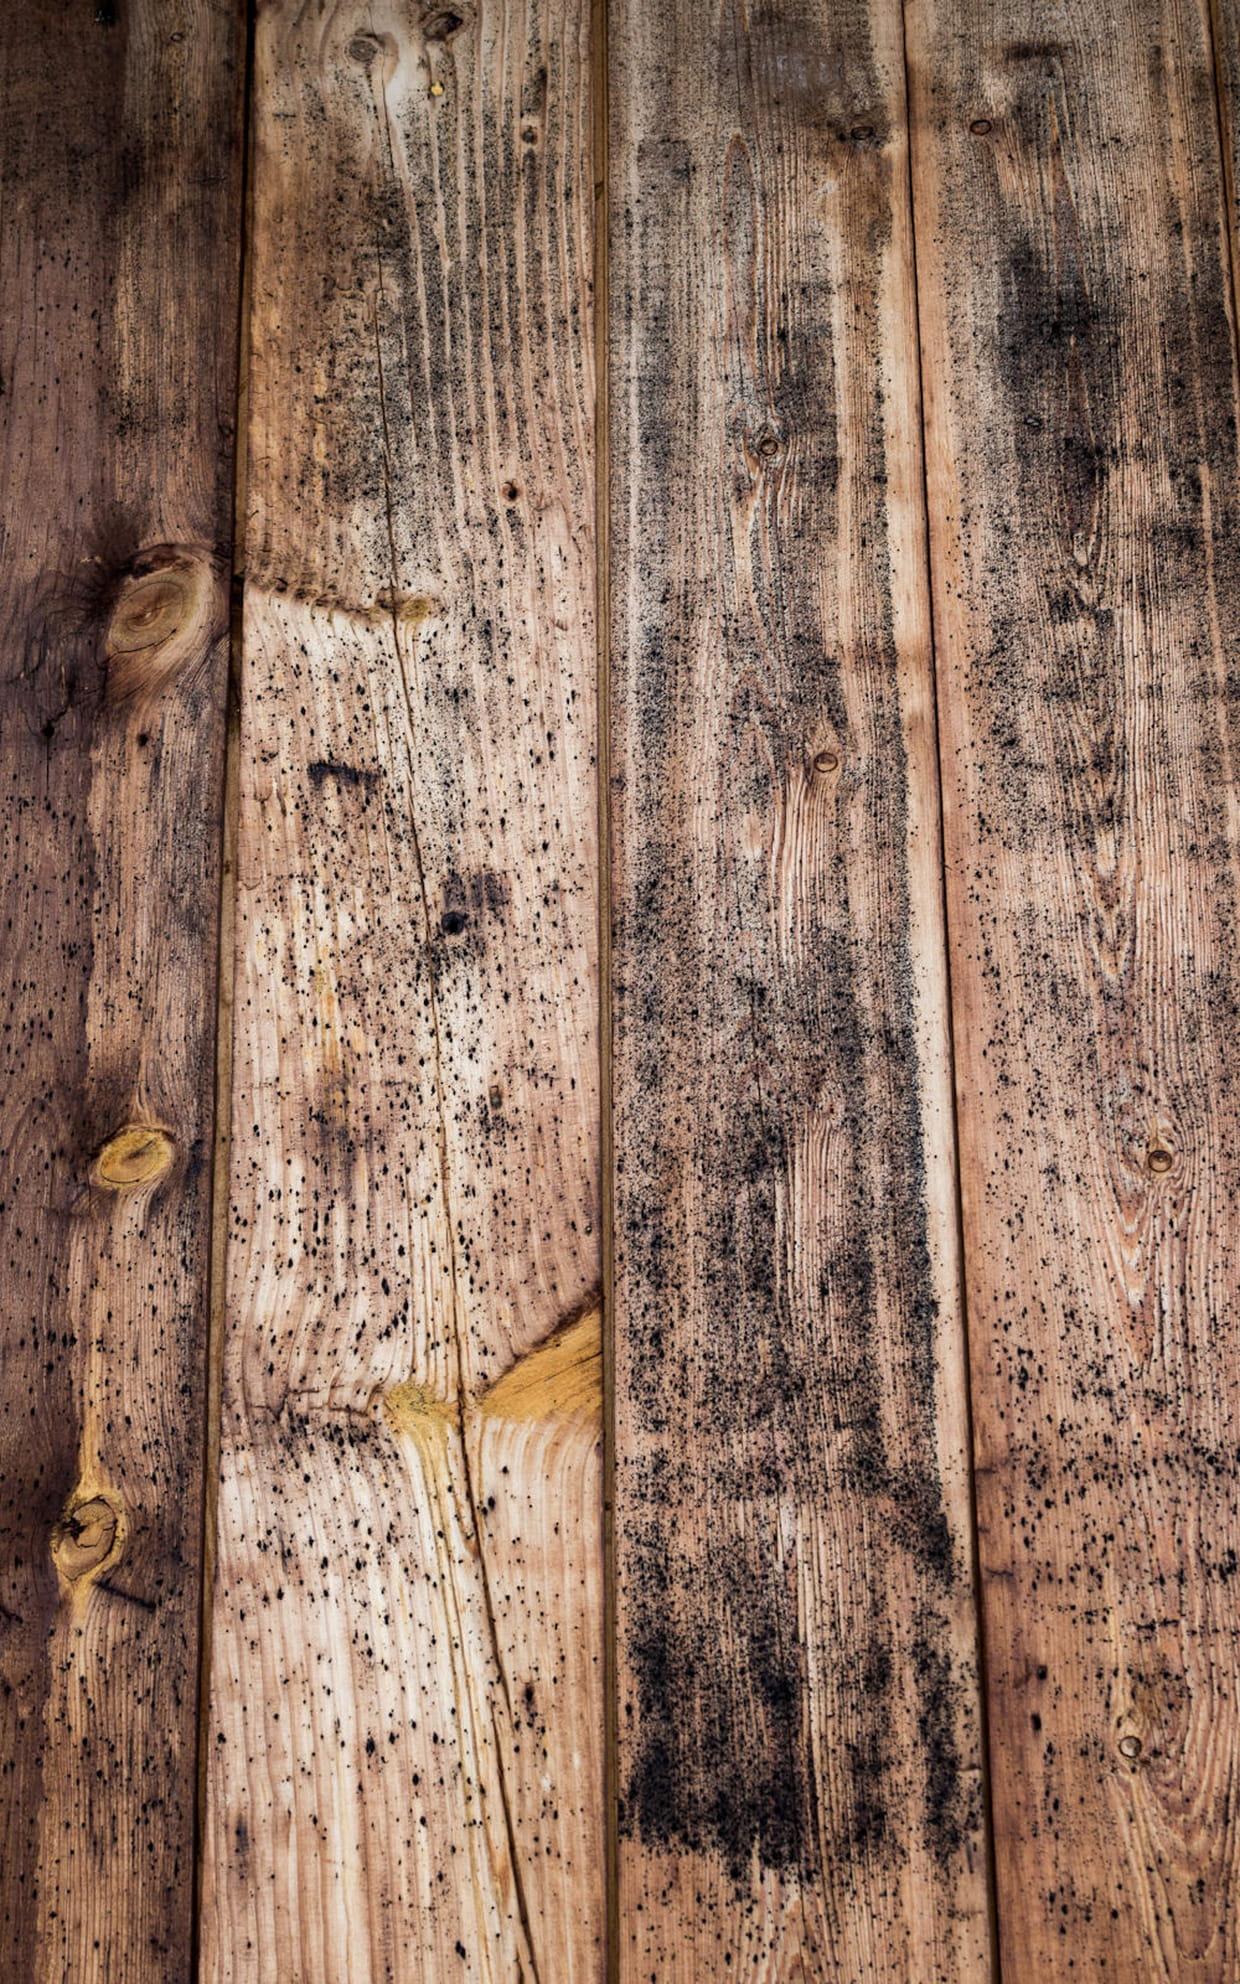 Enlever la moisissure sur du bois